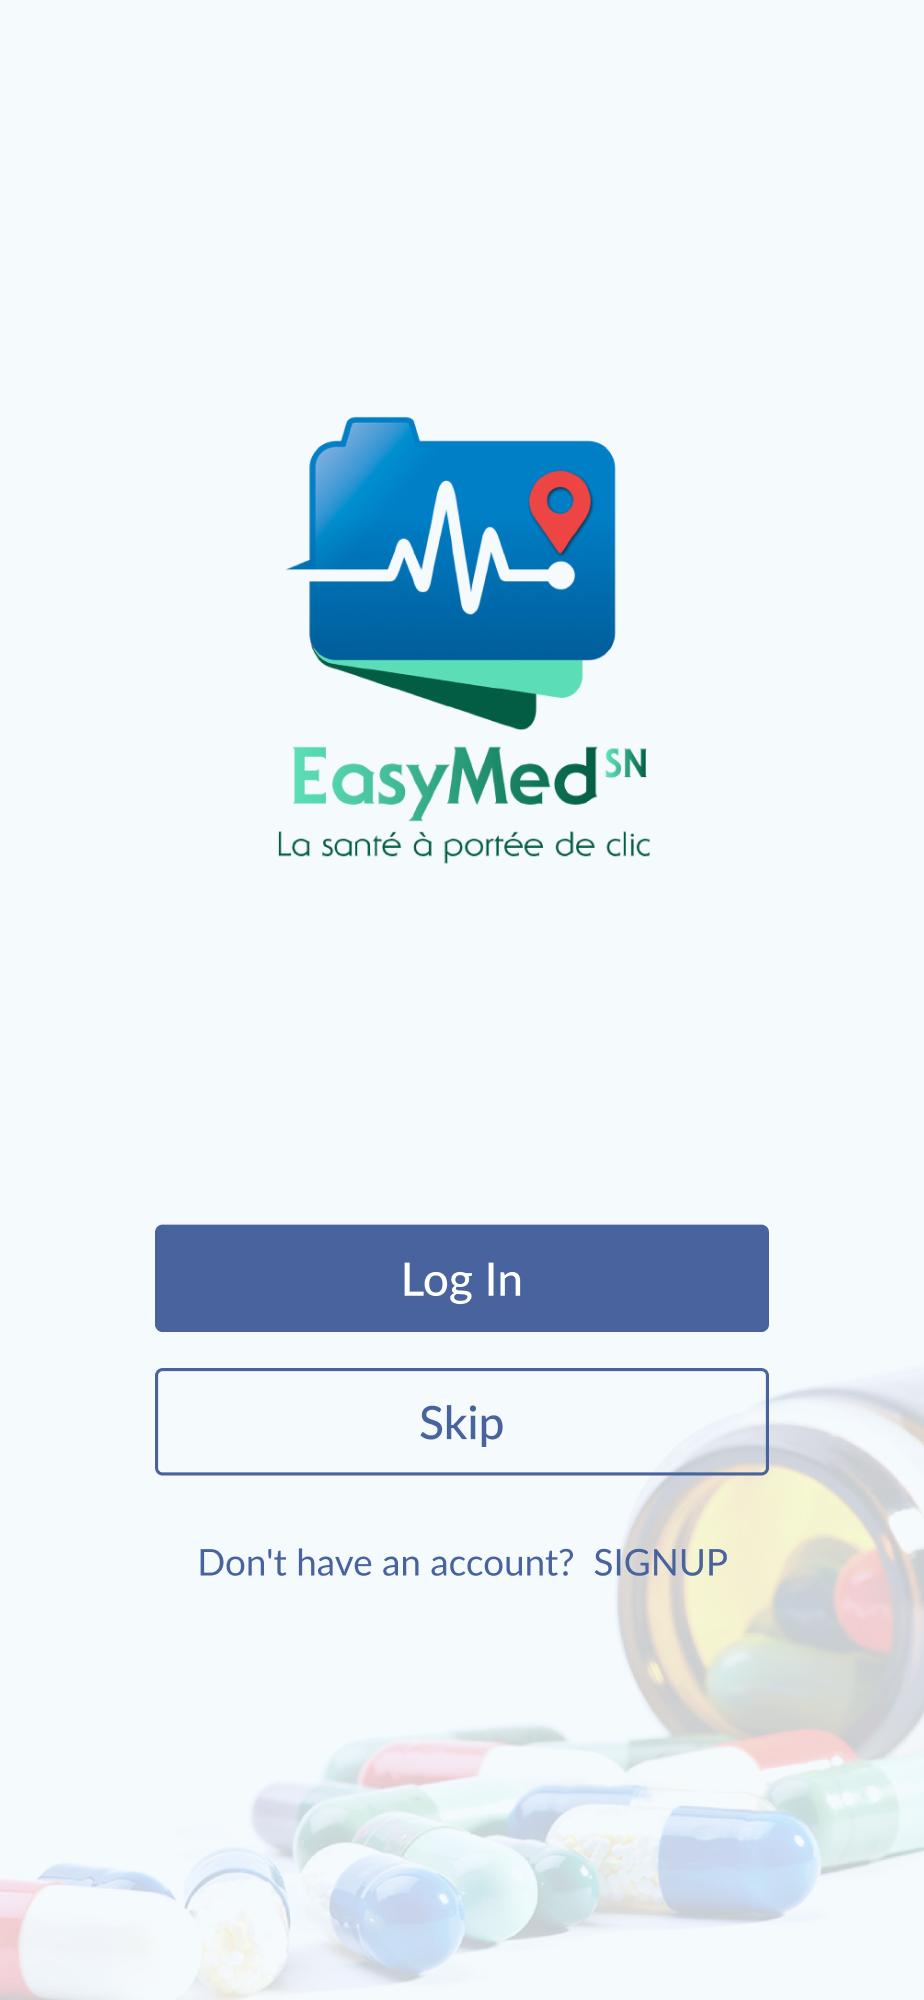 Easy Med